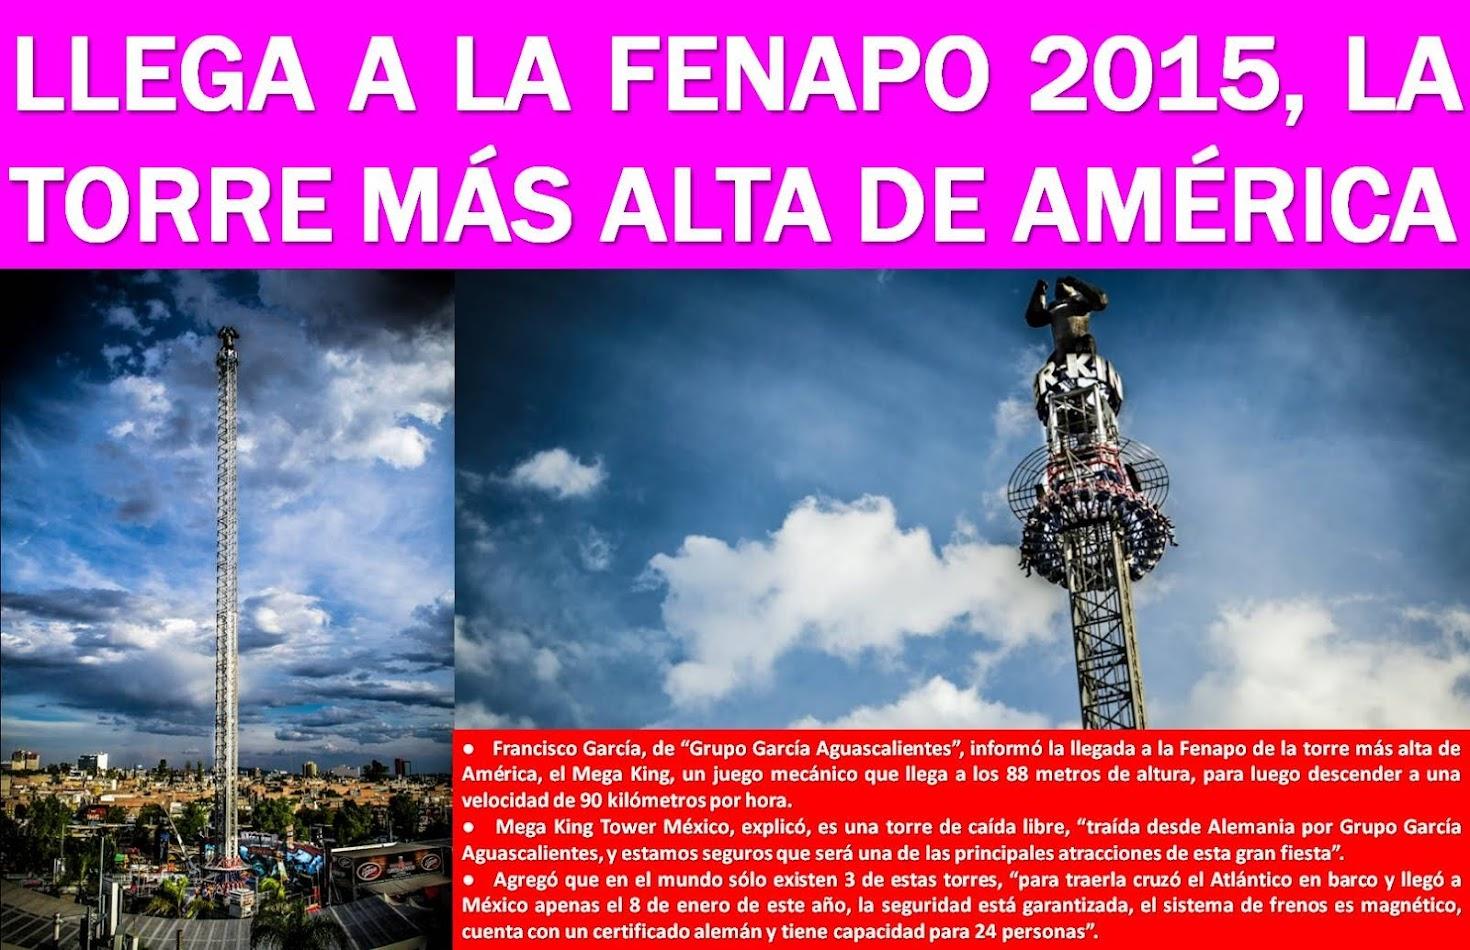 FENAPO 2015: LA MEJOR FIESTA DEL VERANO EN MÉXICO, Y EN EL MUNDO